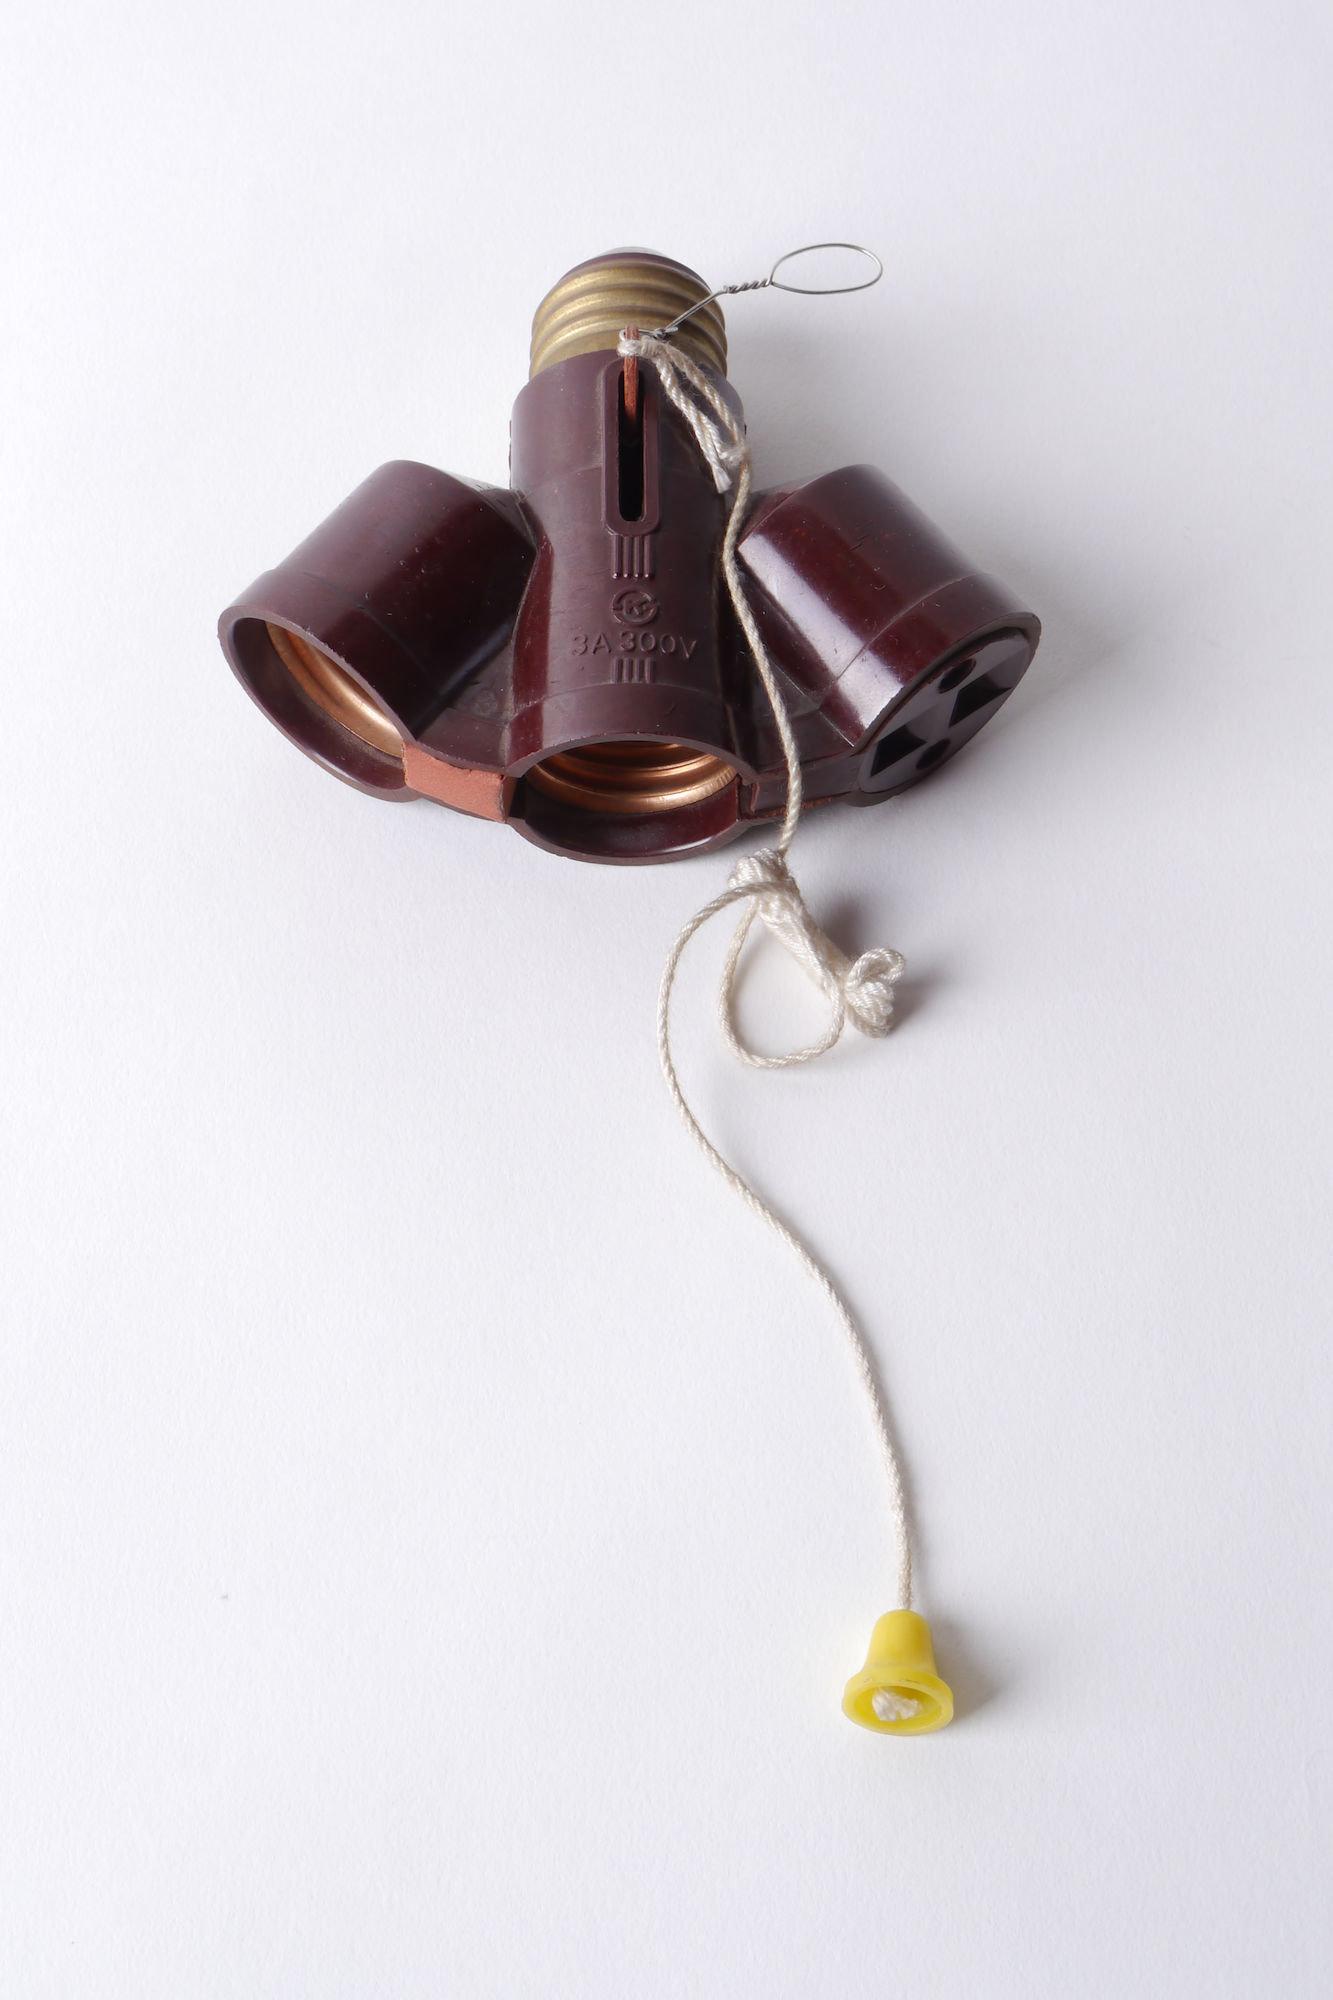 Adaptiestuk met 2 lamphouders en 1 stopcontact van het merk Dong